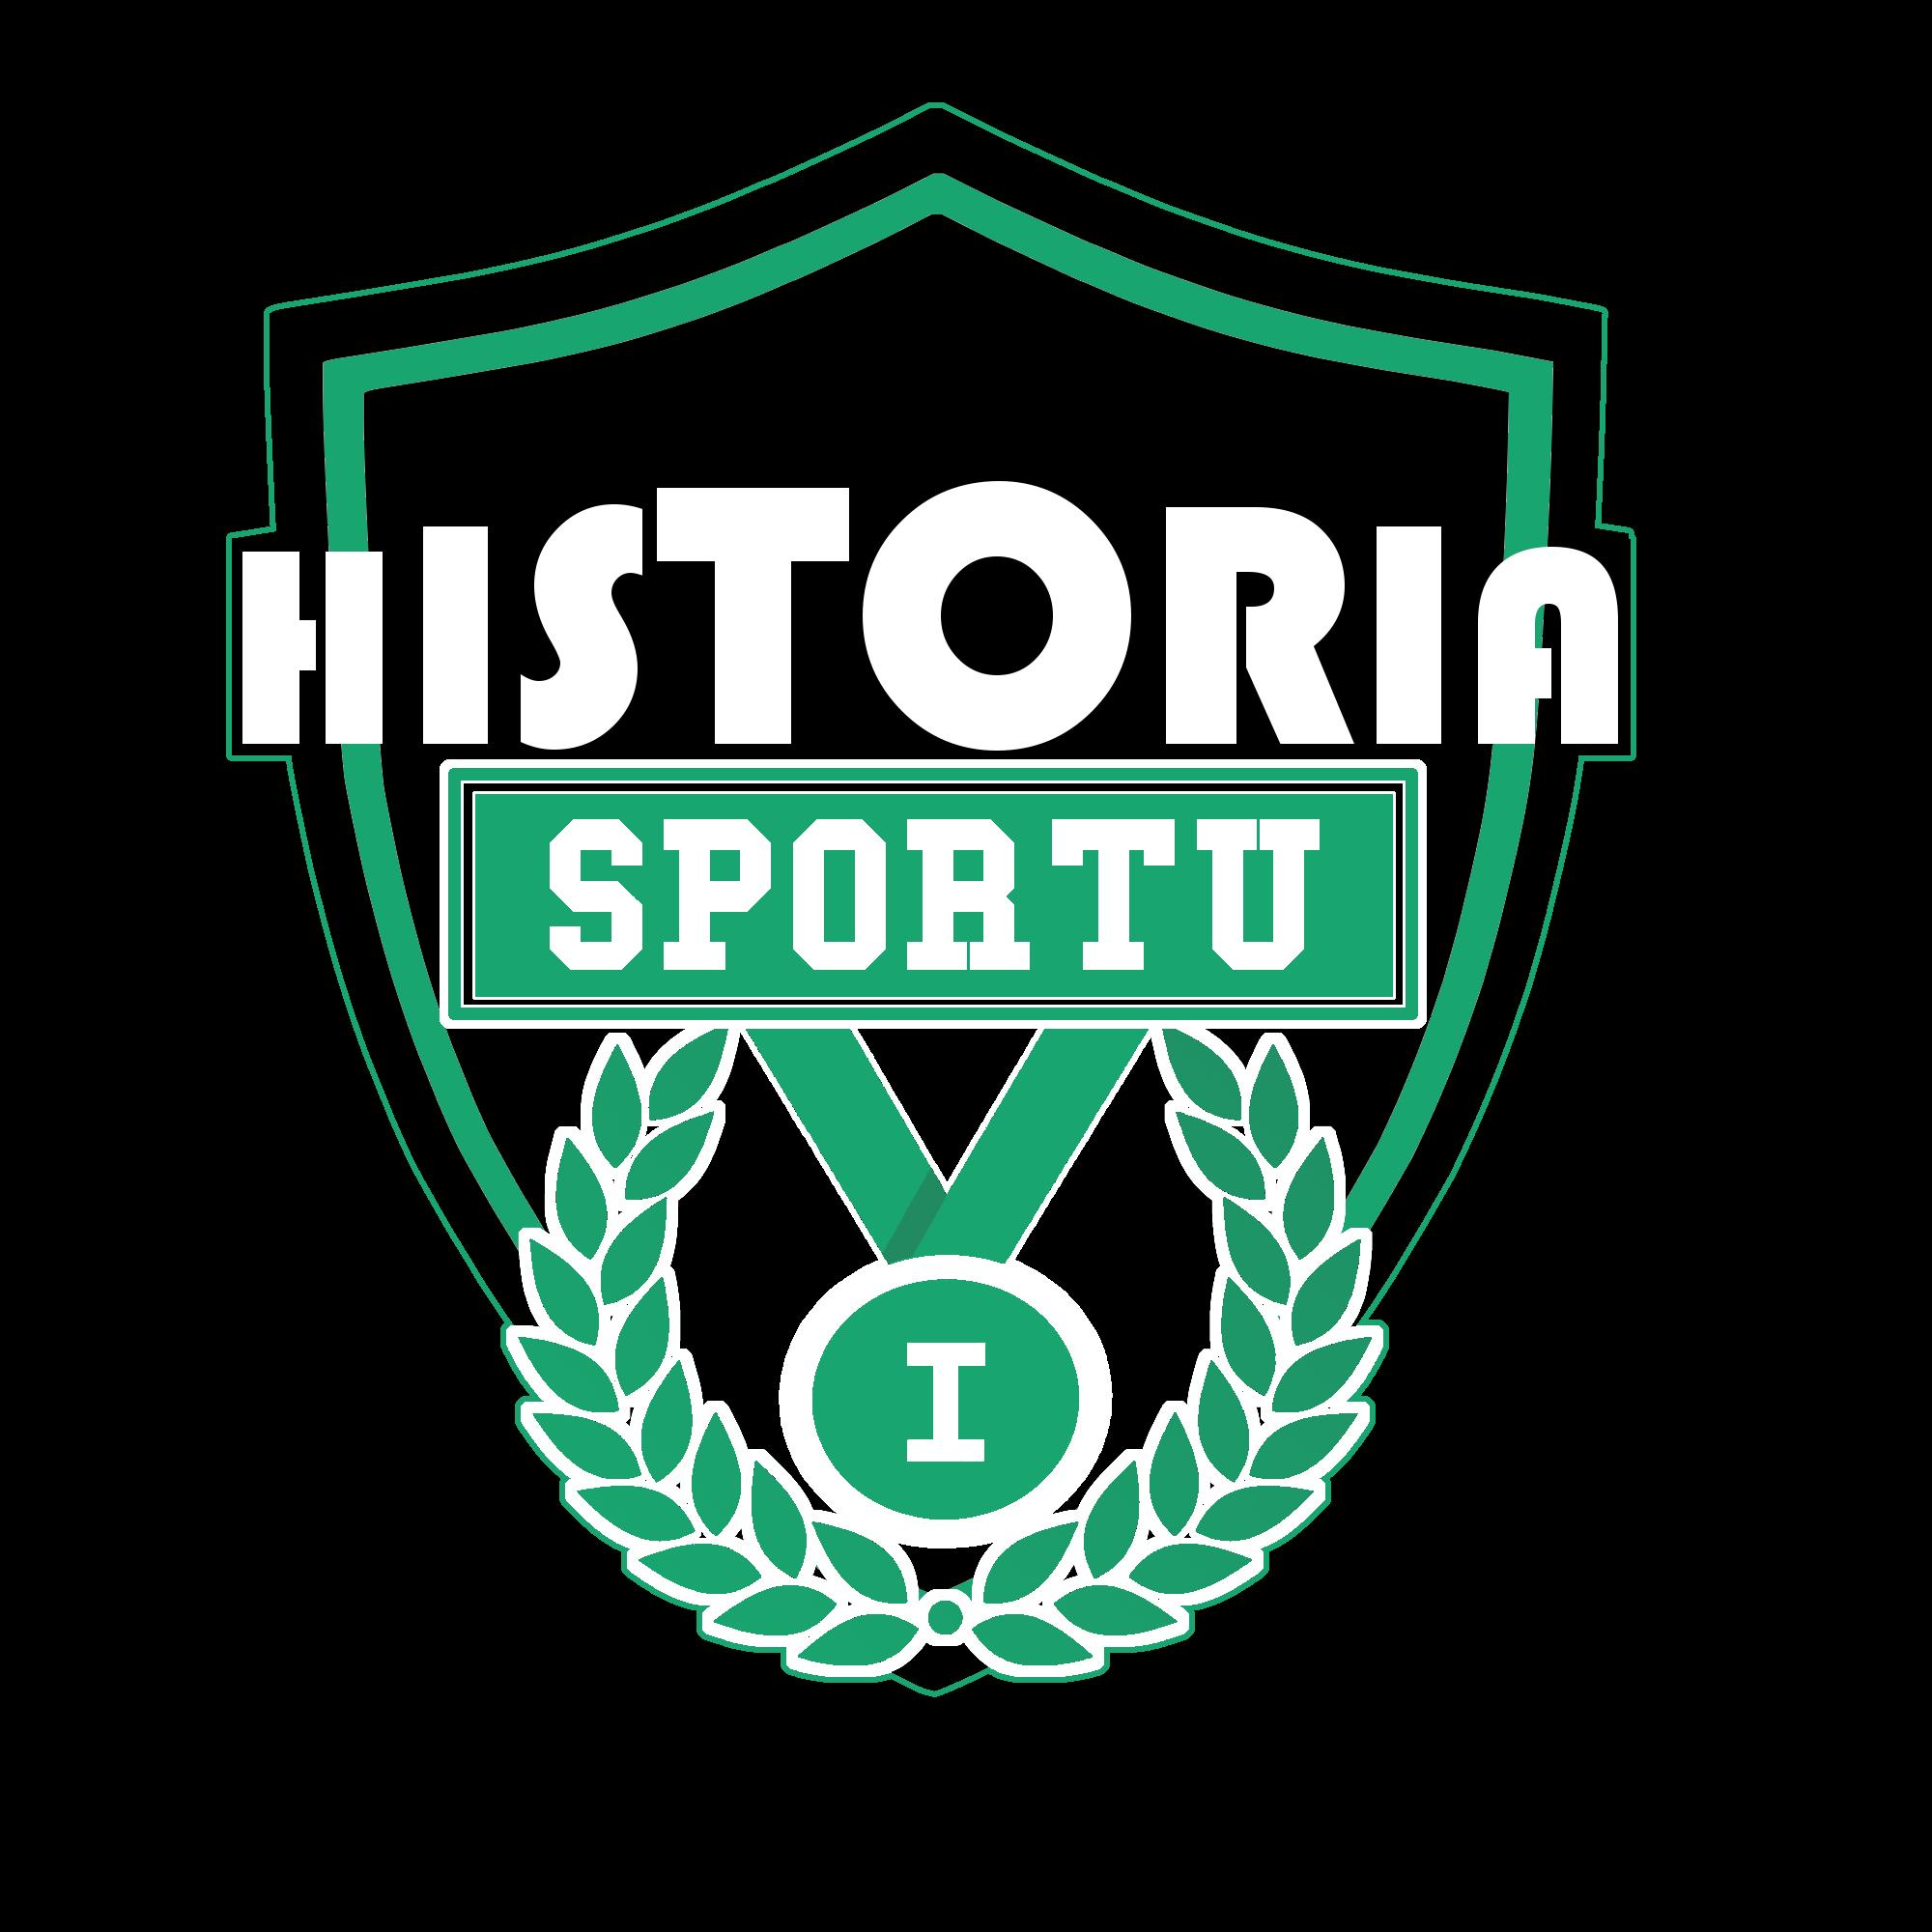 www.historiasportu.info